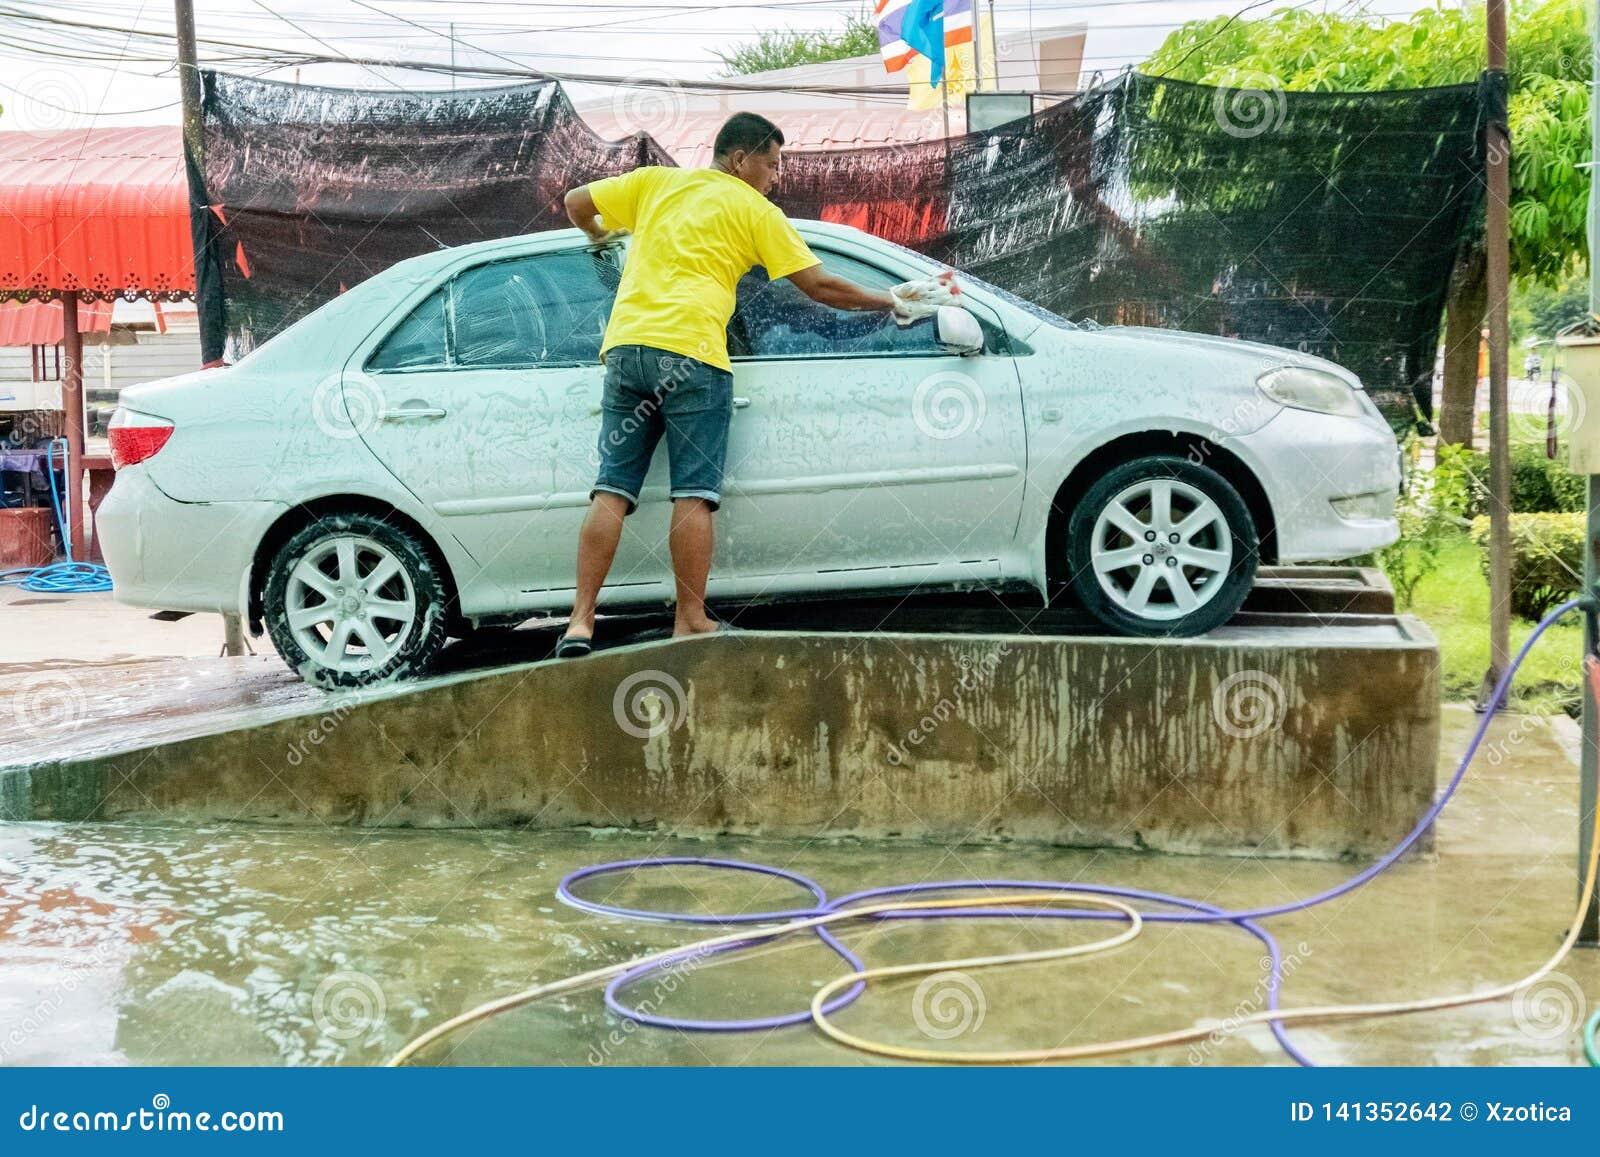 Local Car Wash >> A Man Is Washing A Car In Local Car Wash At Hua Hin